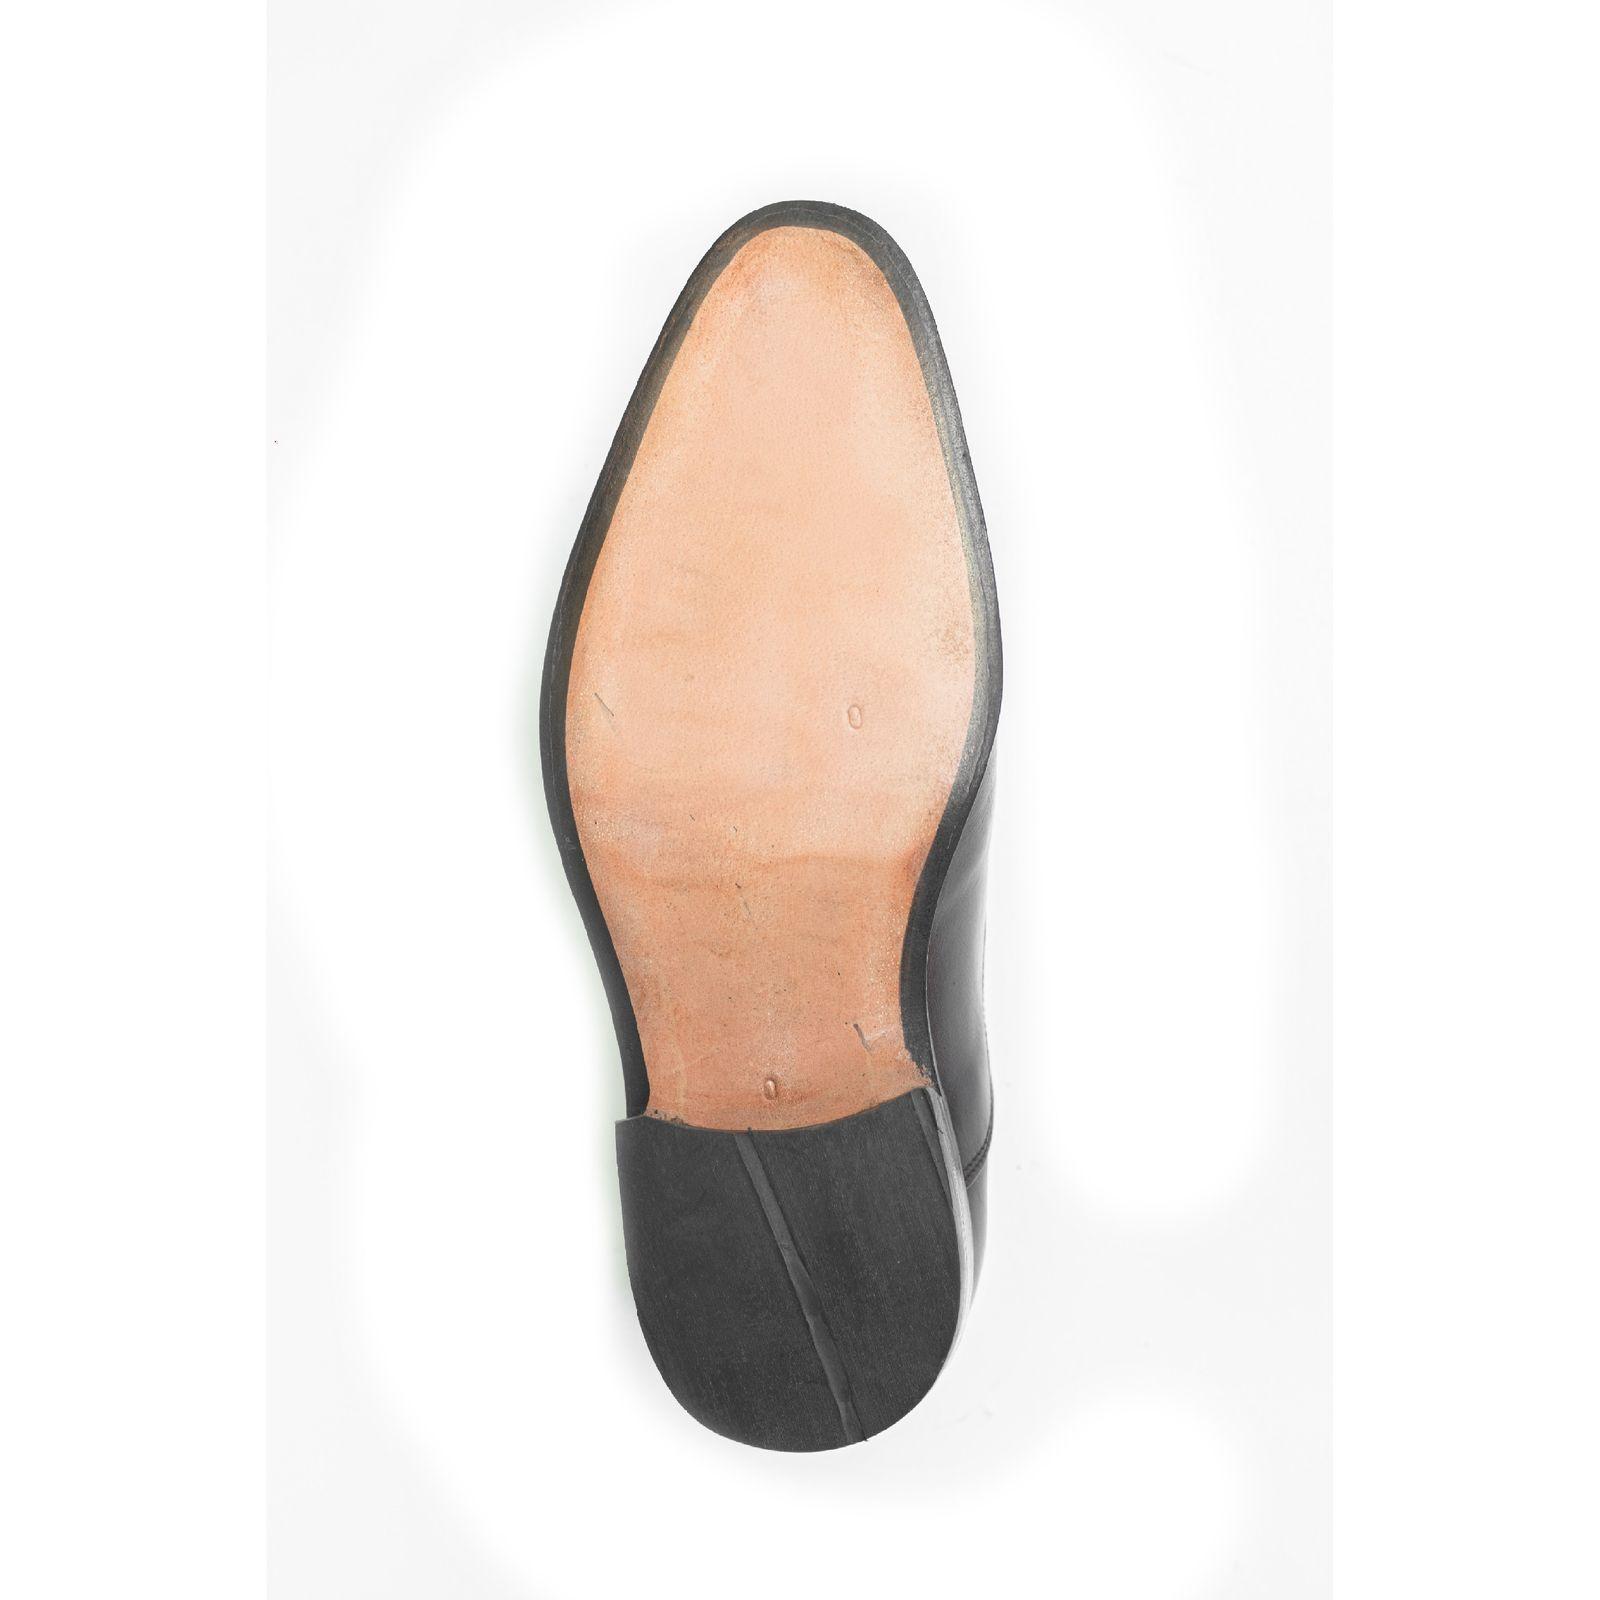 کفش مردانه کد 0003 -  - 3